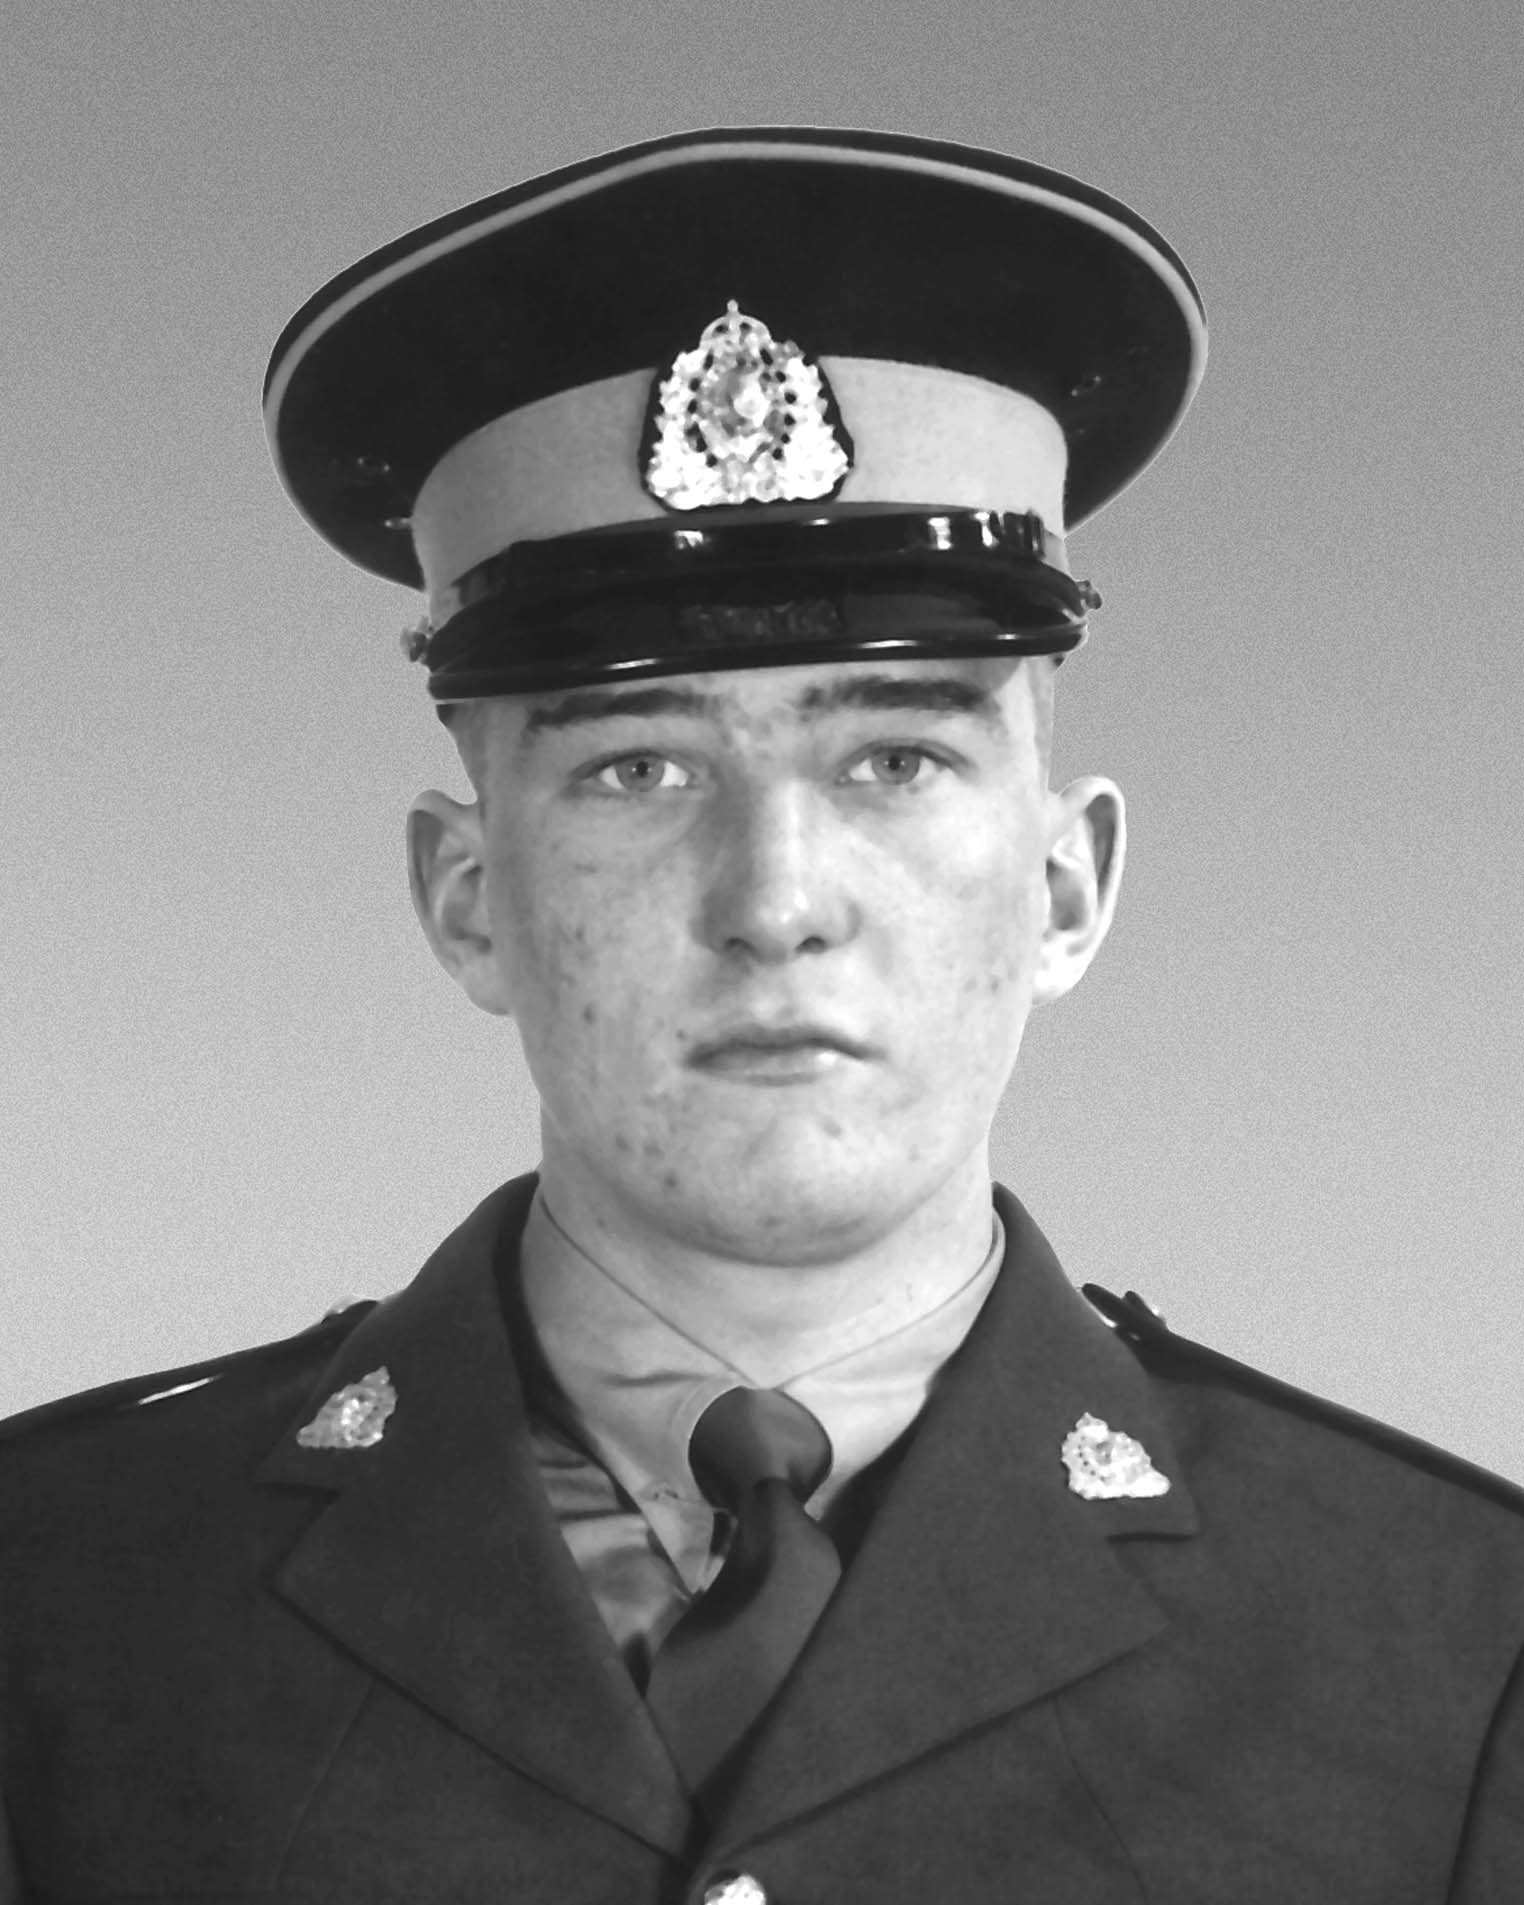 Gendarme John Roland Cobley – © Sa Majesté la Reine du chef du Canada représentée par la Gendarmerie royale du Canada